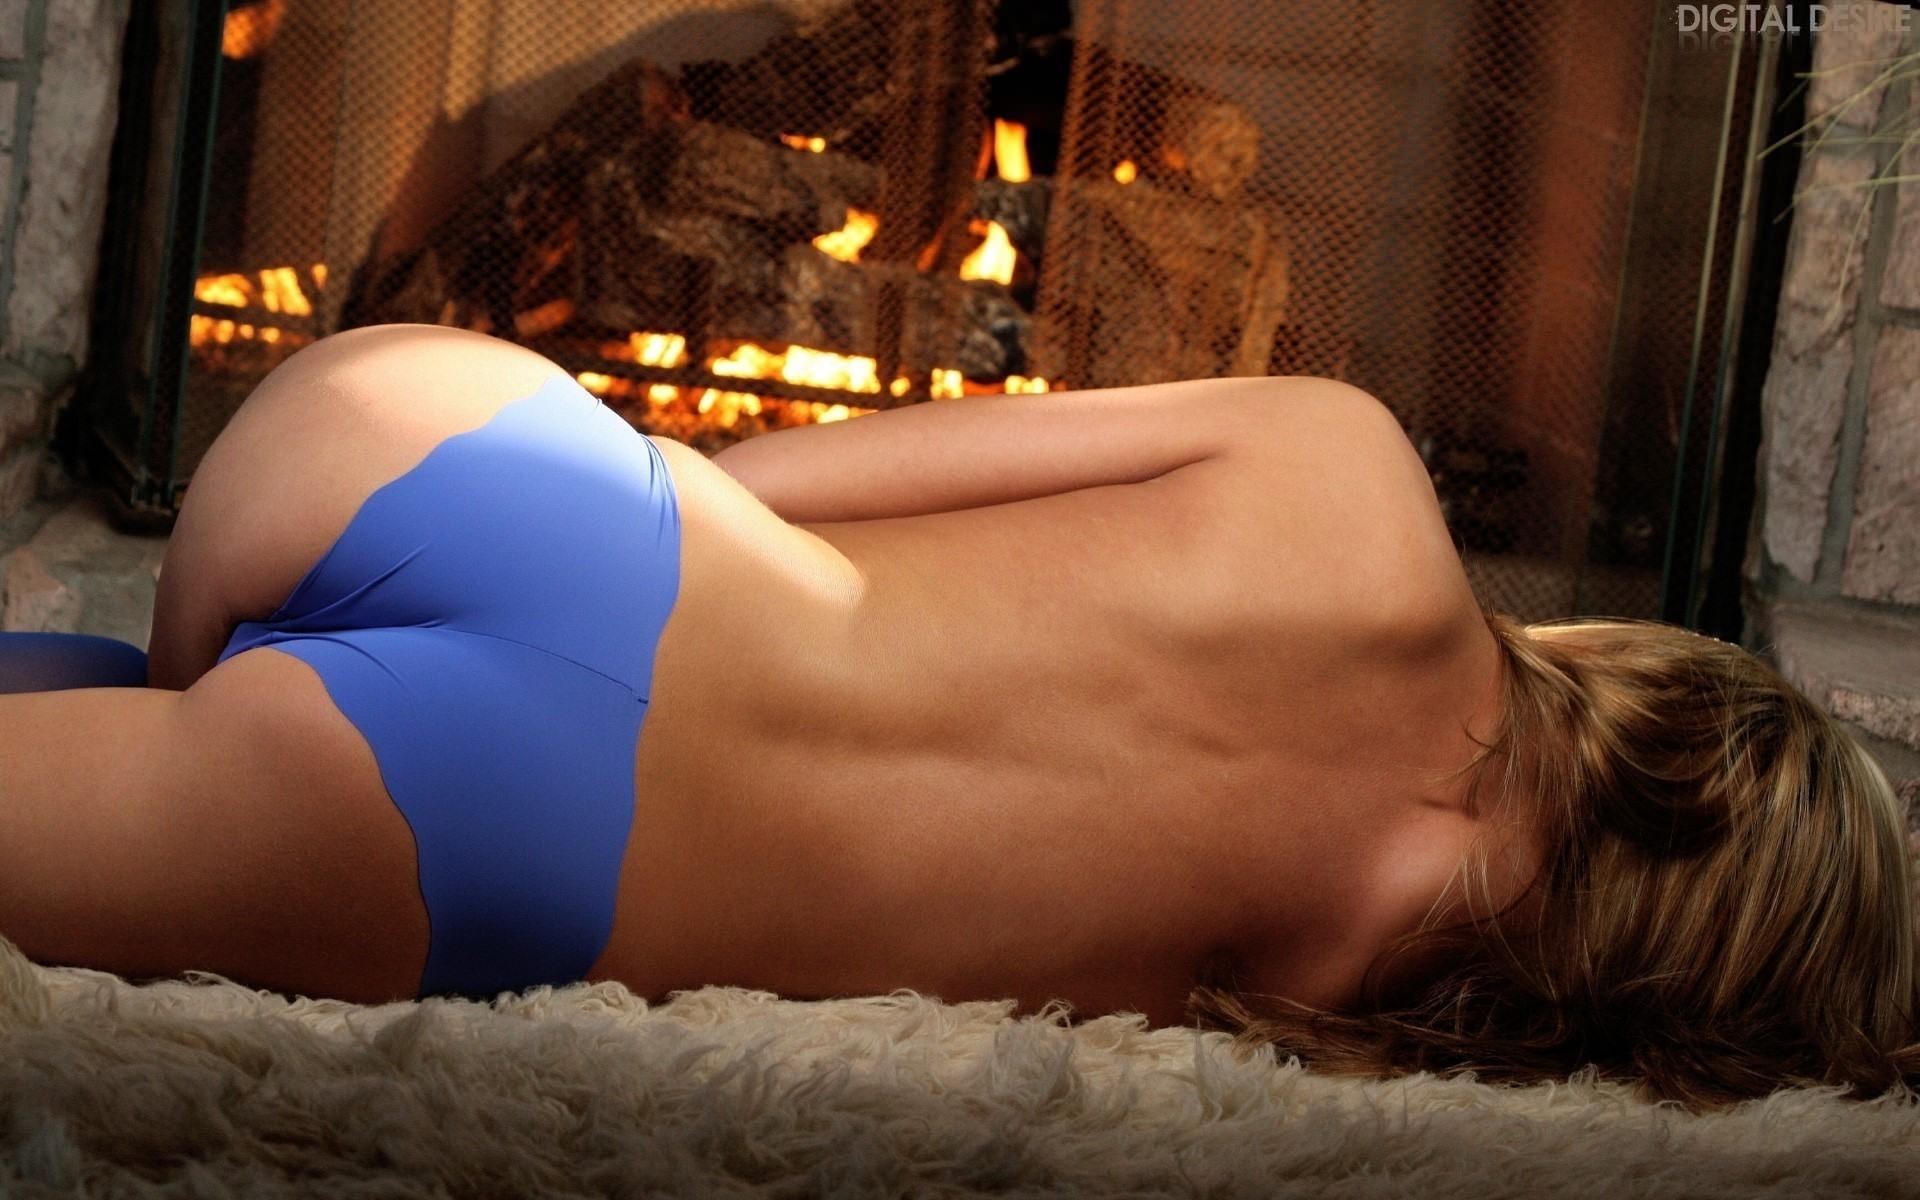 Фото Синие трусики на упругой красивой попке, девушка лежит на меховом ковре возле камина, скачать картинку бесплатно